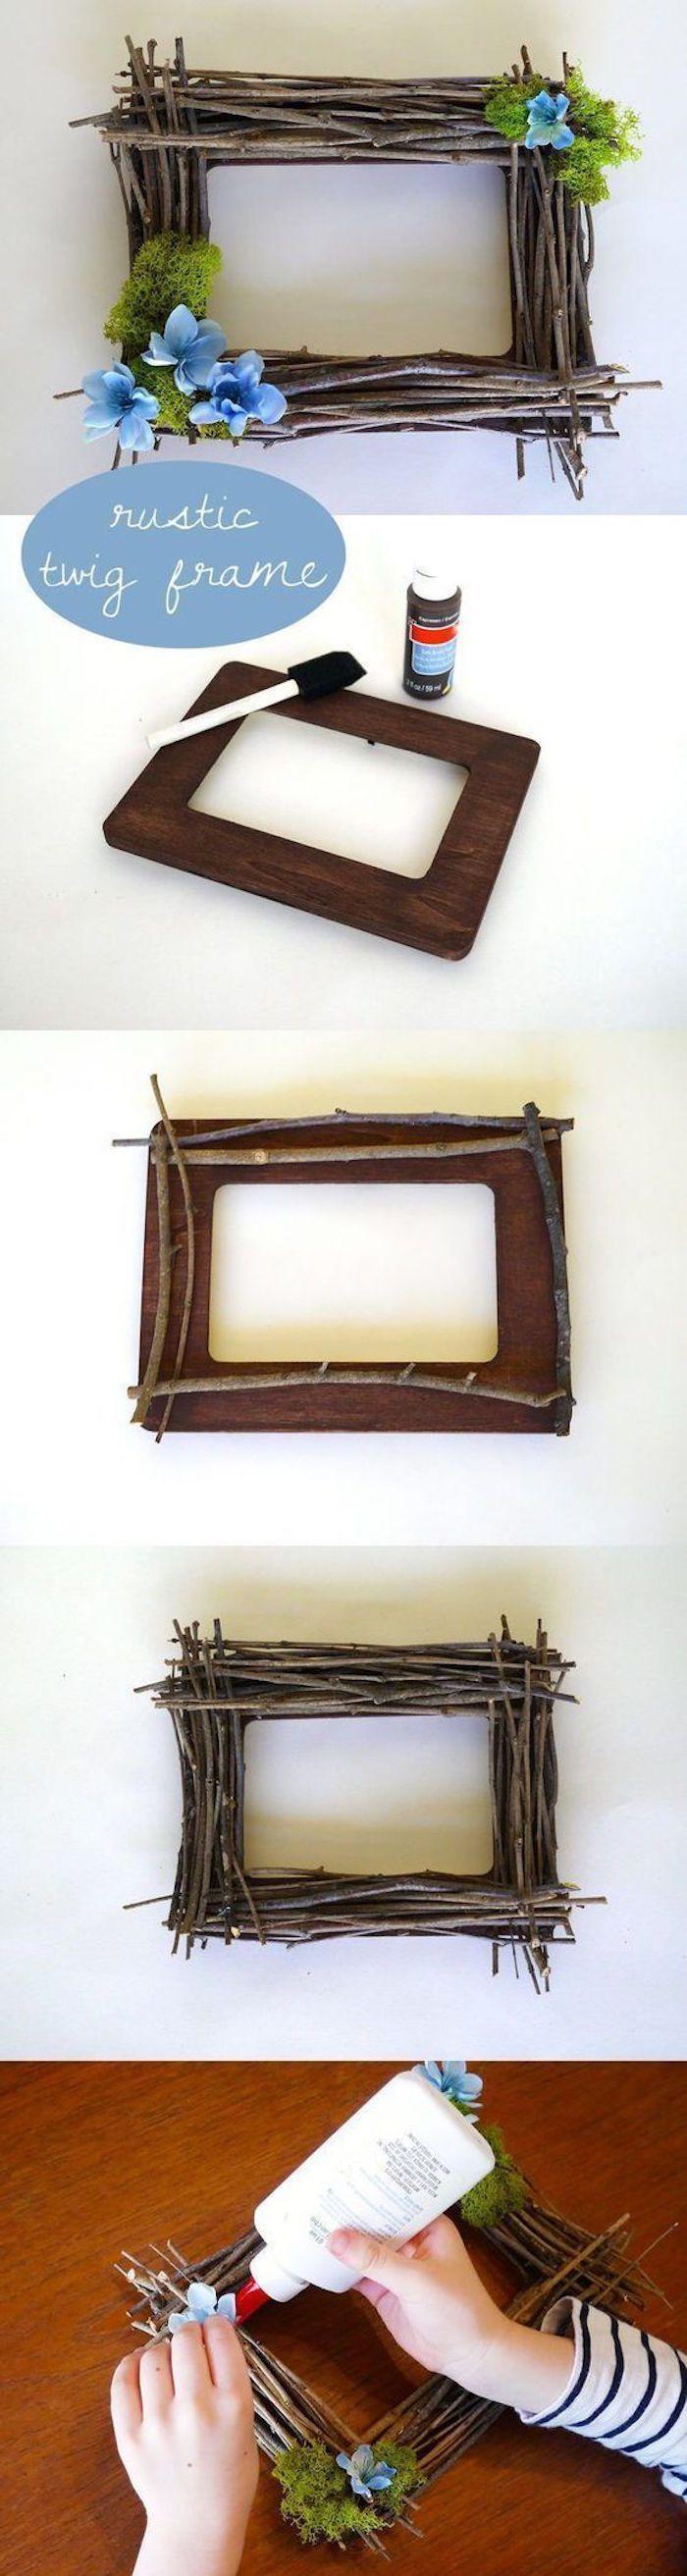 Wohnaccessoires aus holz selber machen  Die besten 25+ Geschenke aus holz Ideen nur auf Pinterest ...